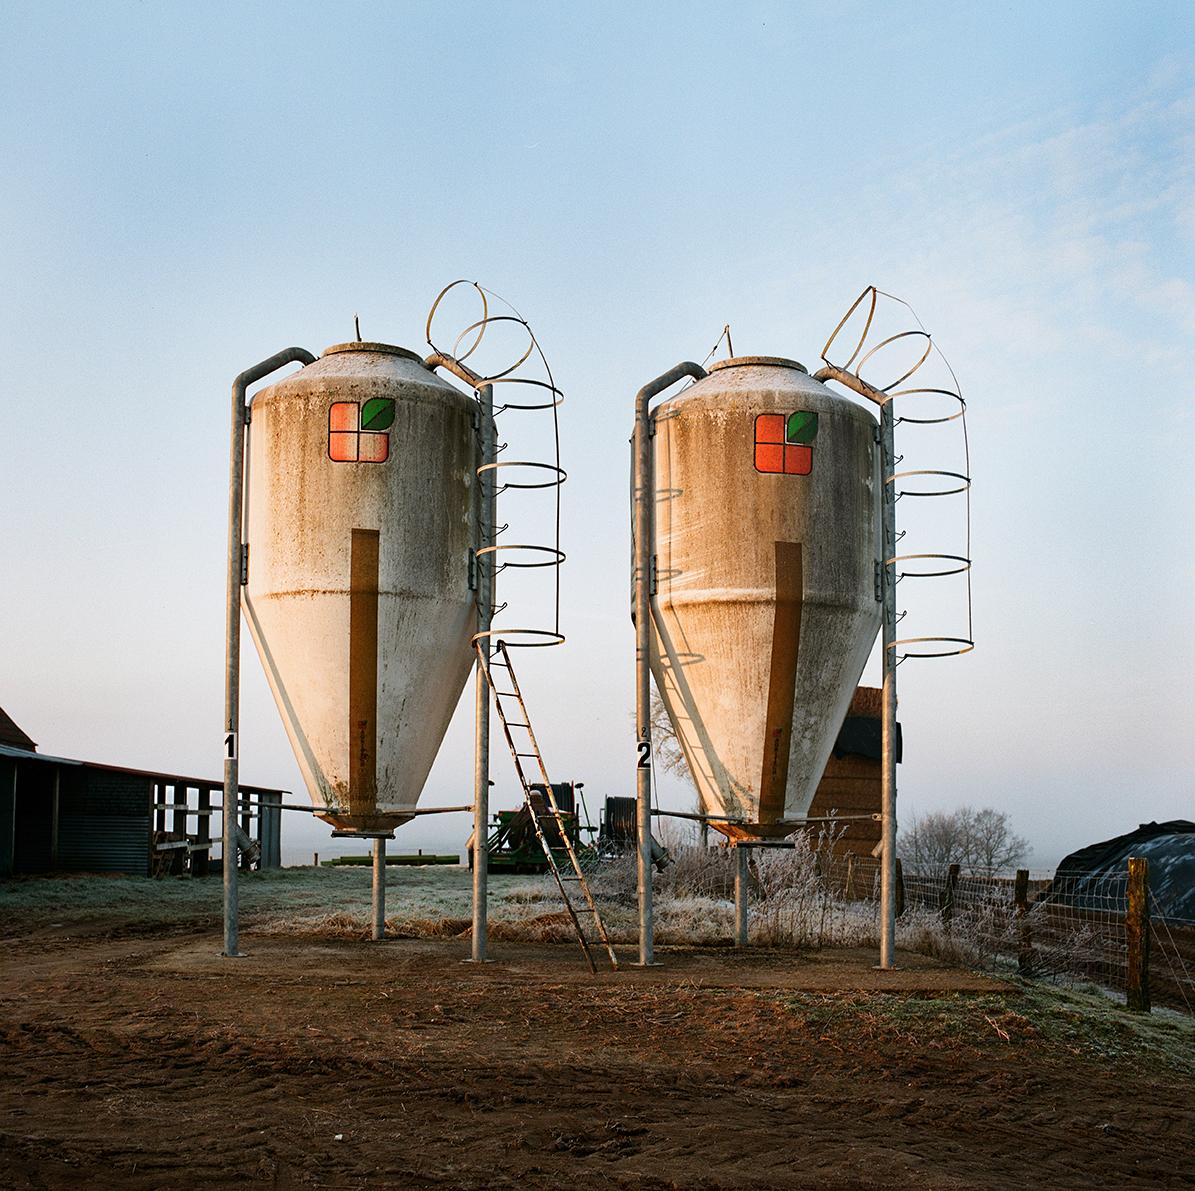 deux silos